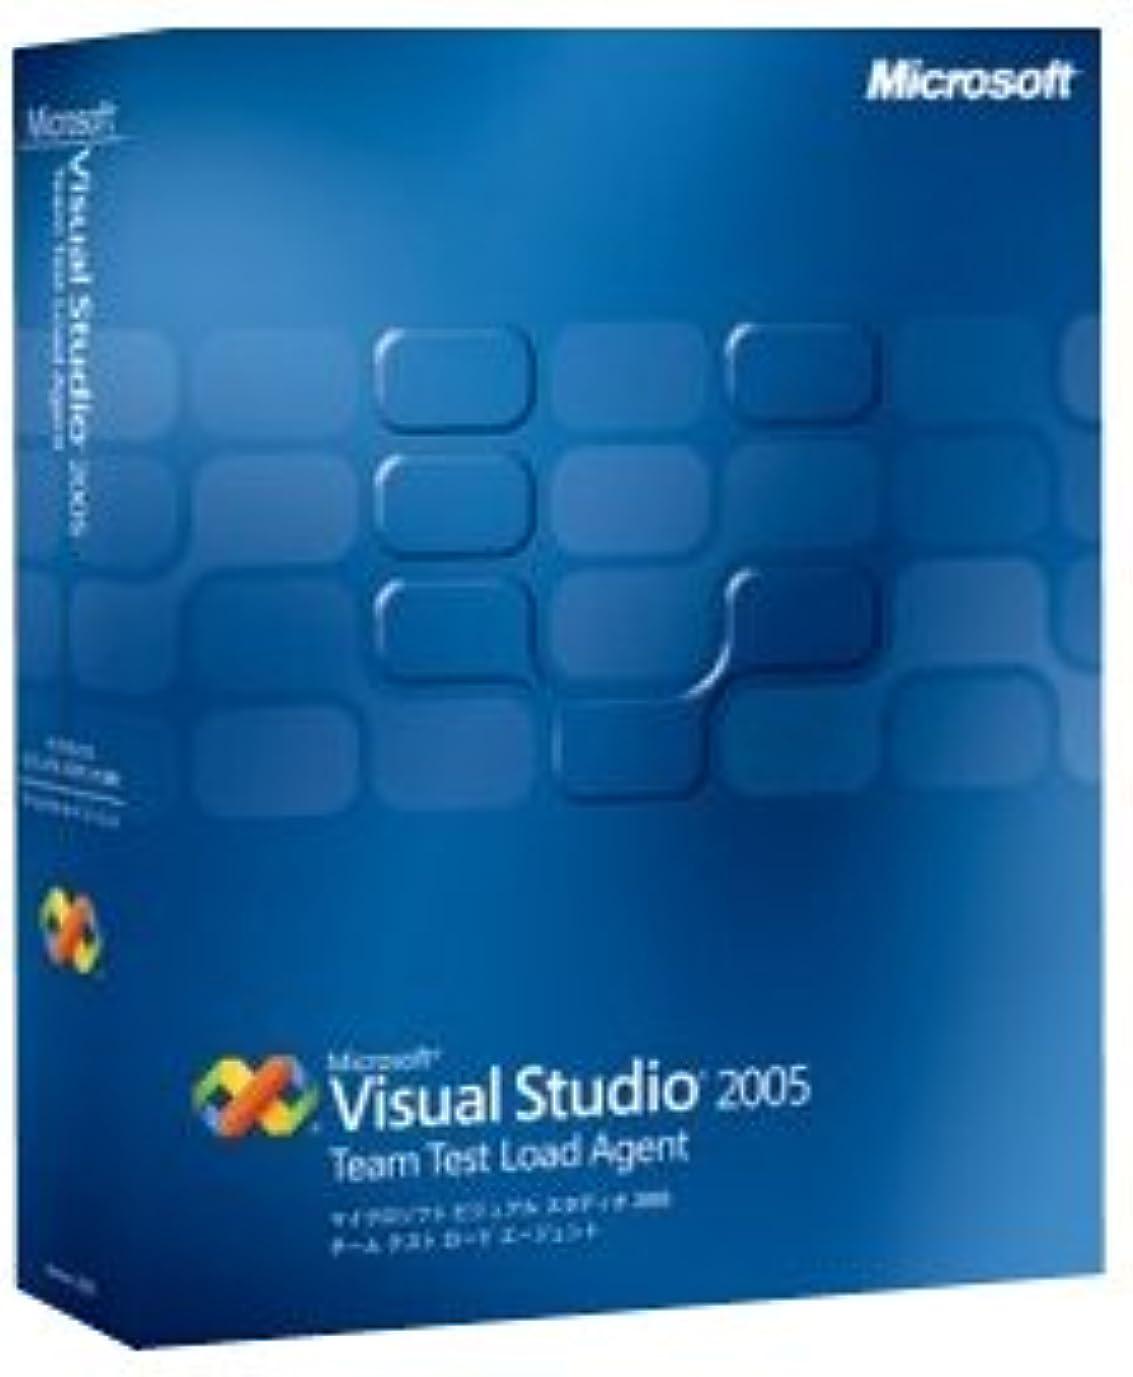 ファイアル甘やかす音声学Visual Studio 2005 Team Test Load Agent